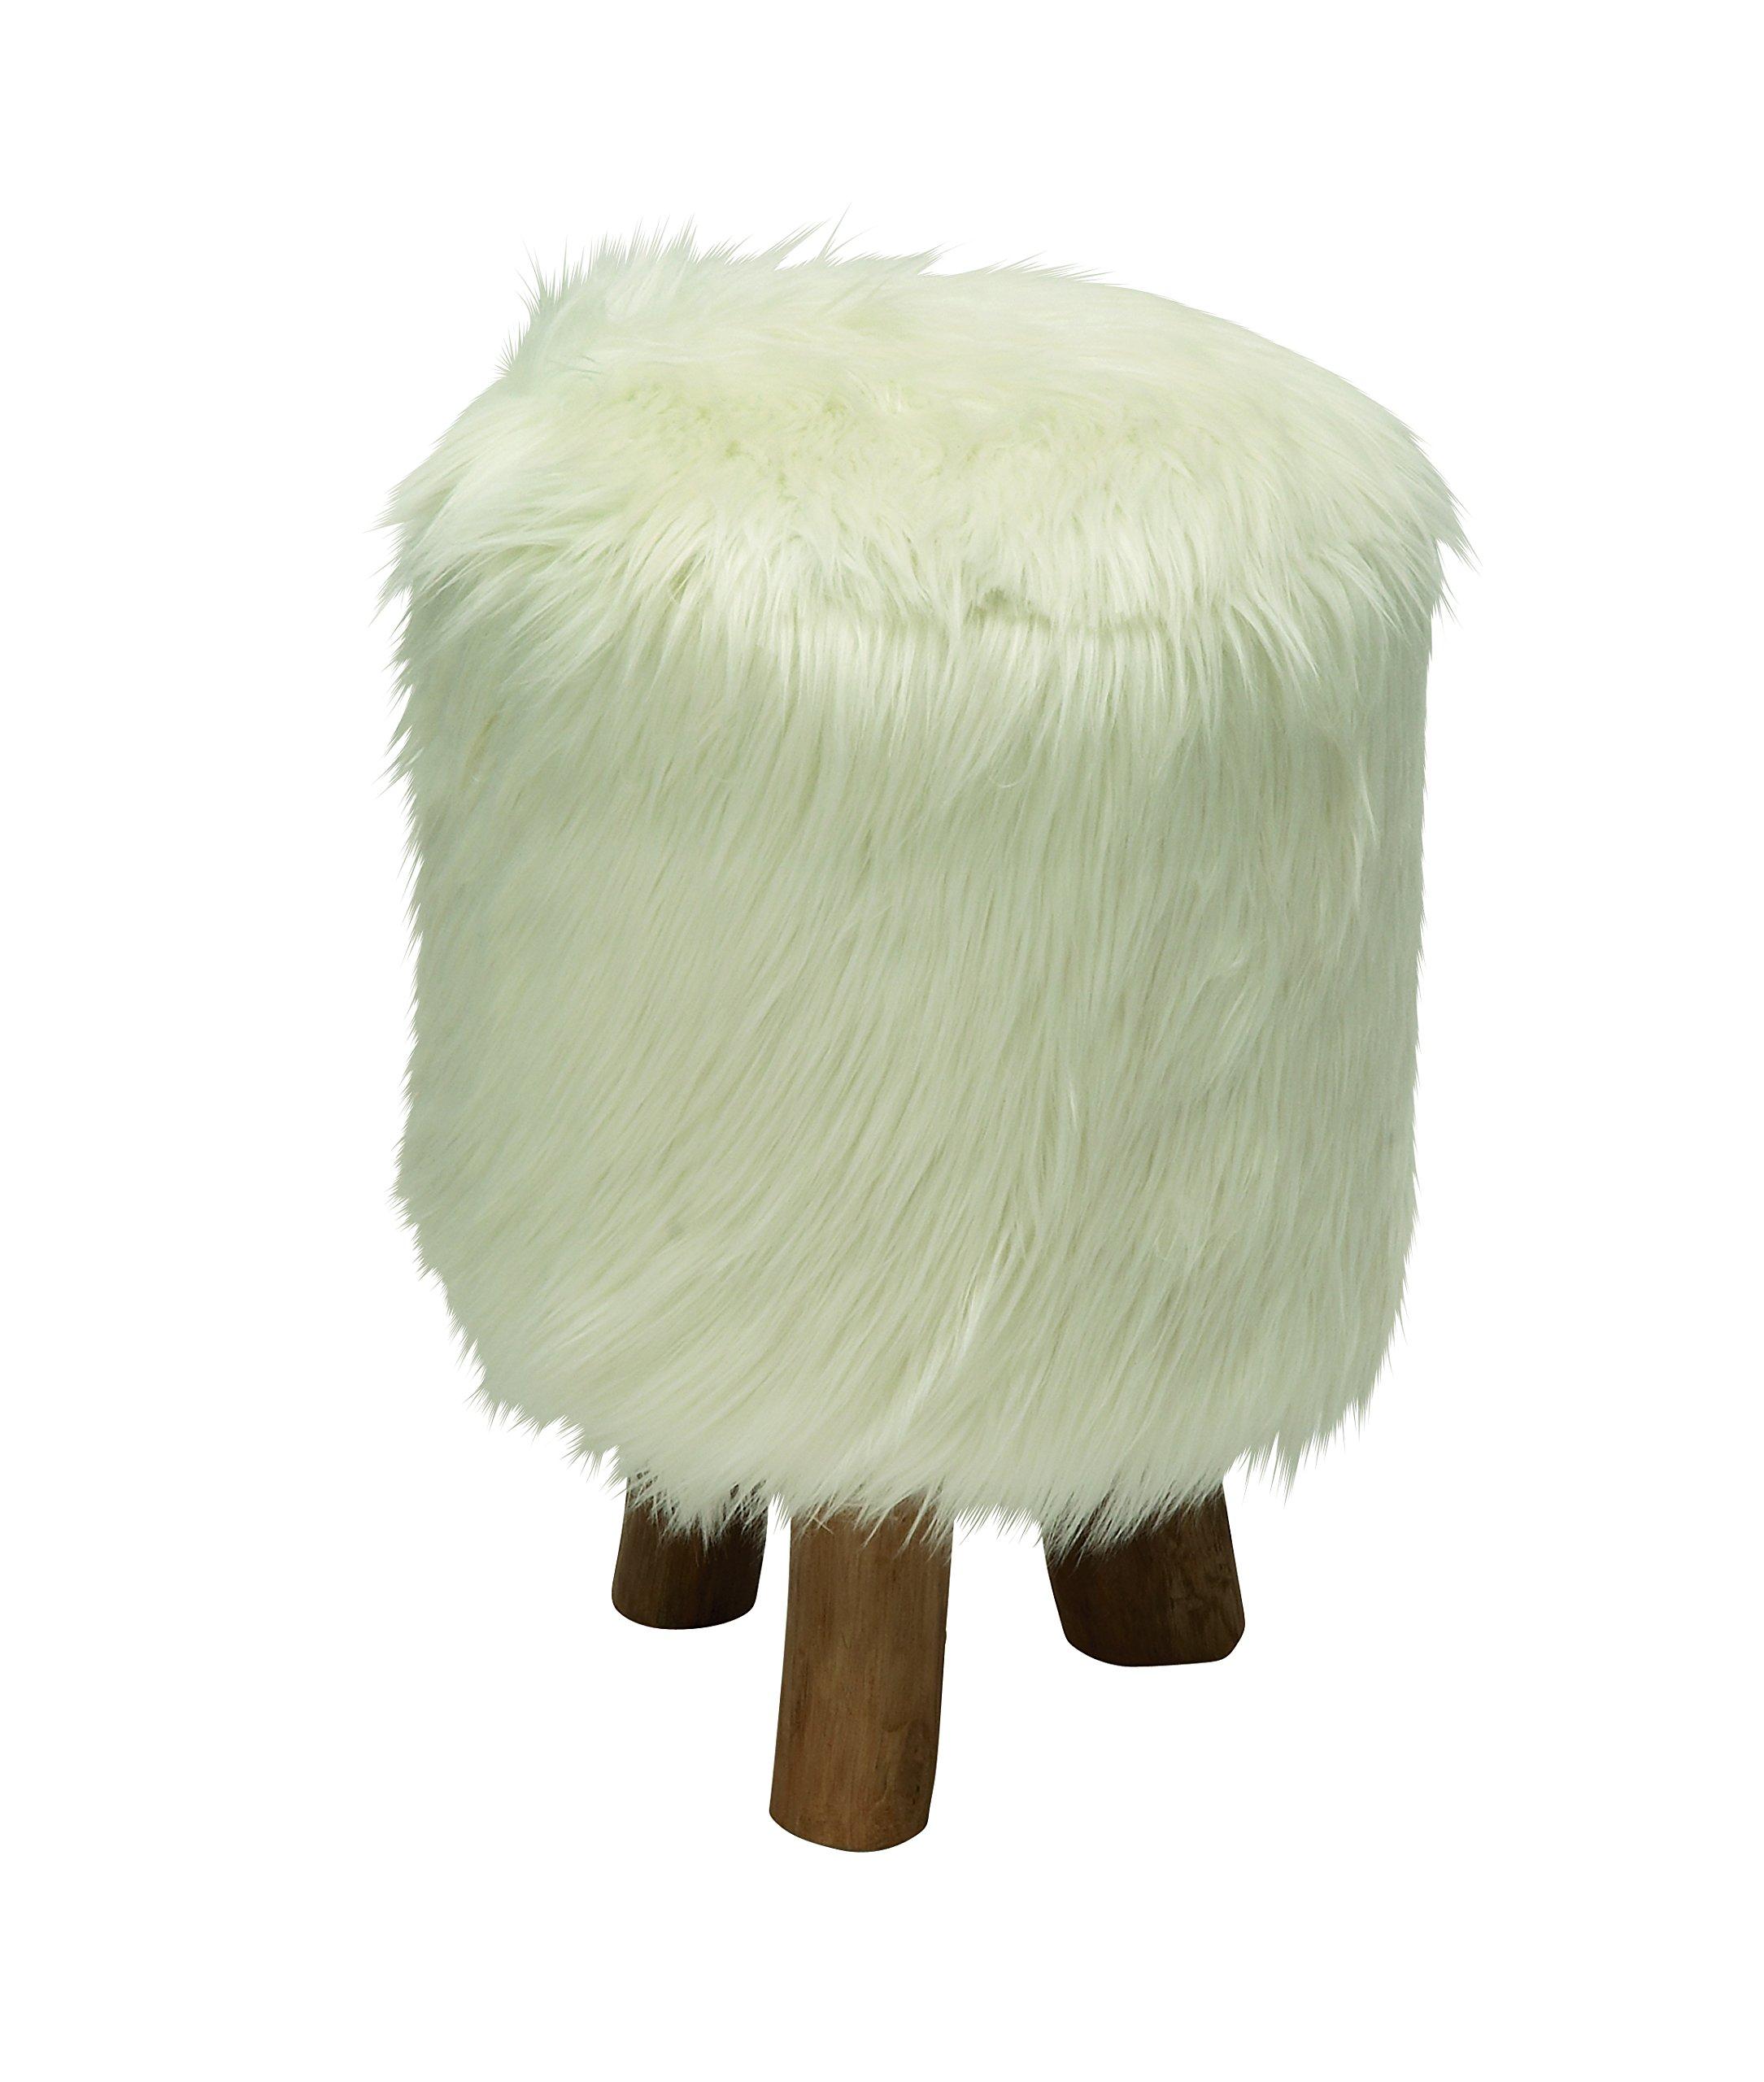 Deco 79 50829 Wood Faux Fur Round Stool, 13'' x 19'', White